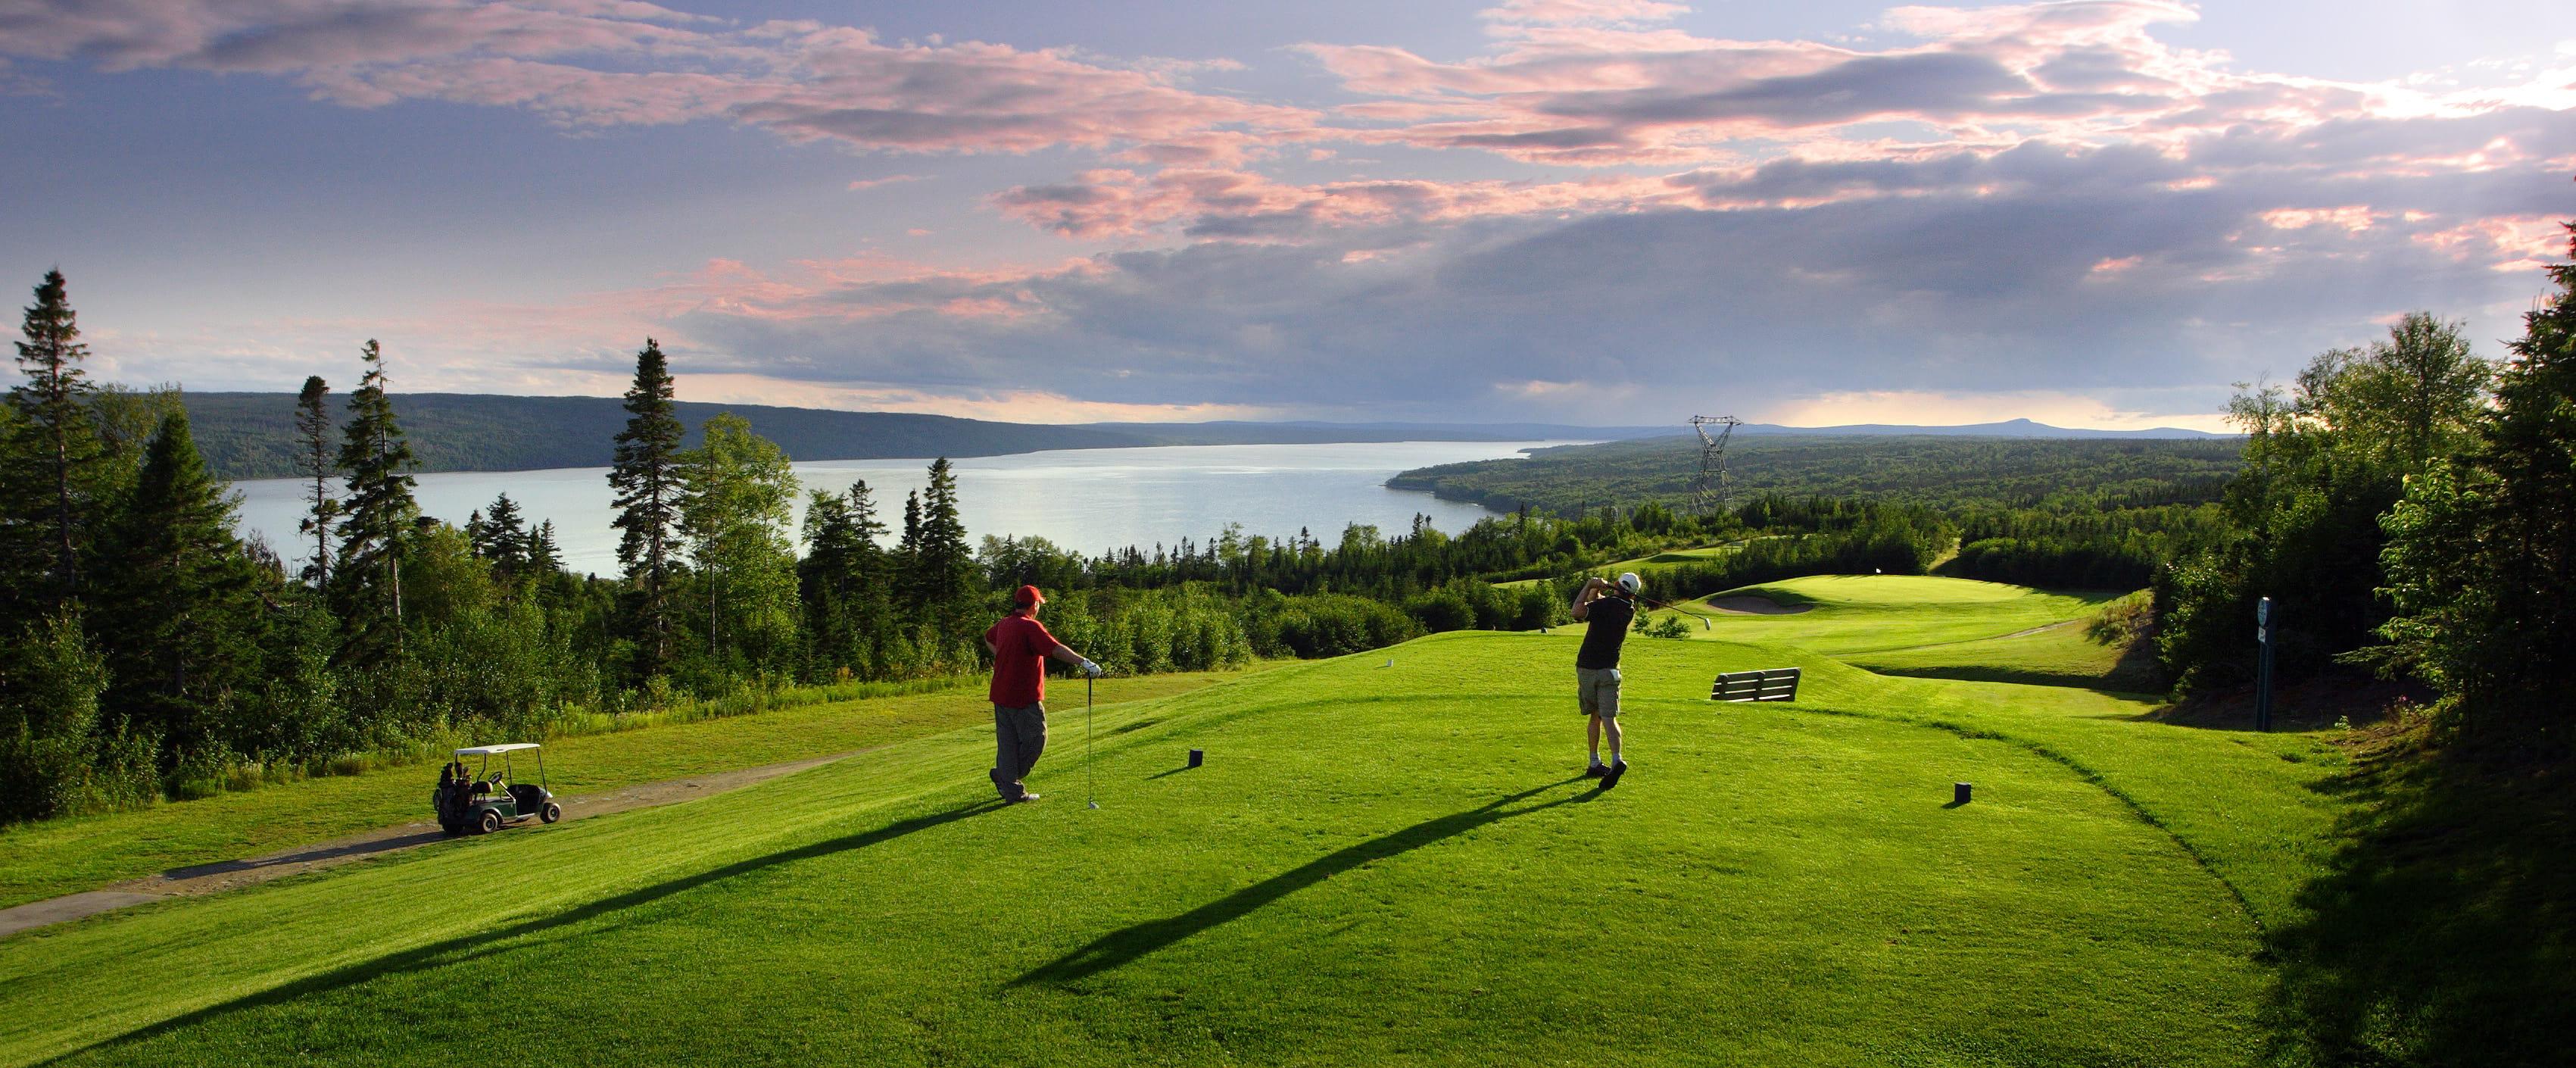 Gander Golf Course